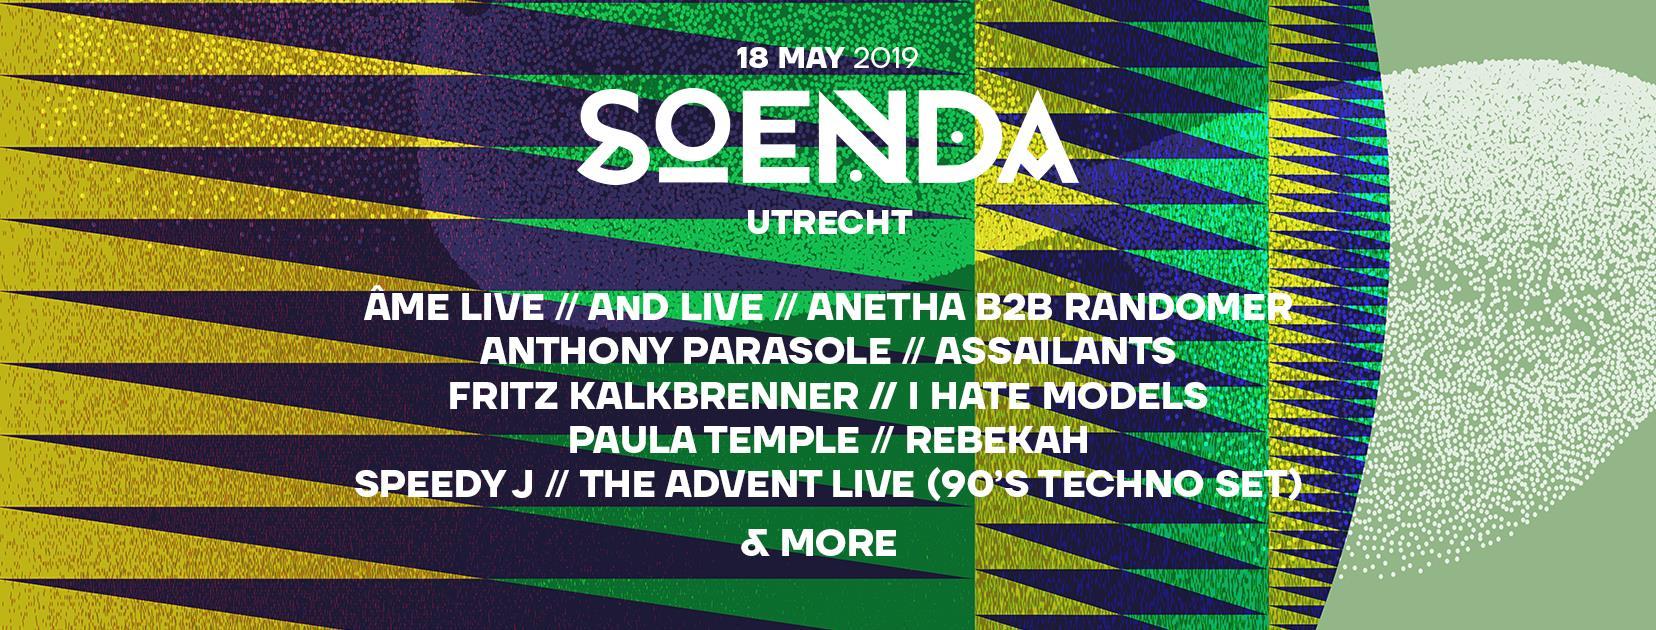 Soenda Festival 18 mei 2019